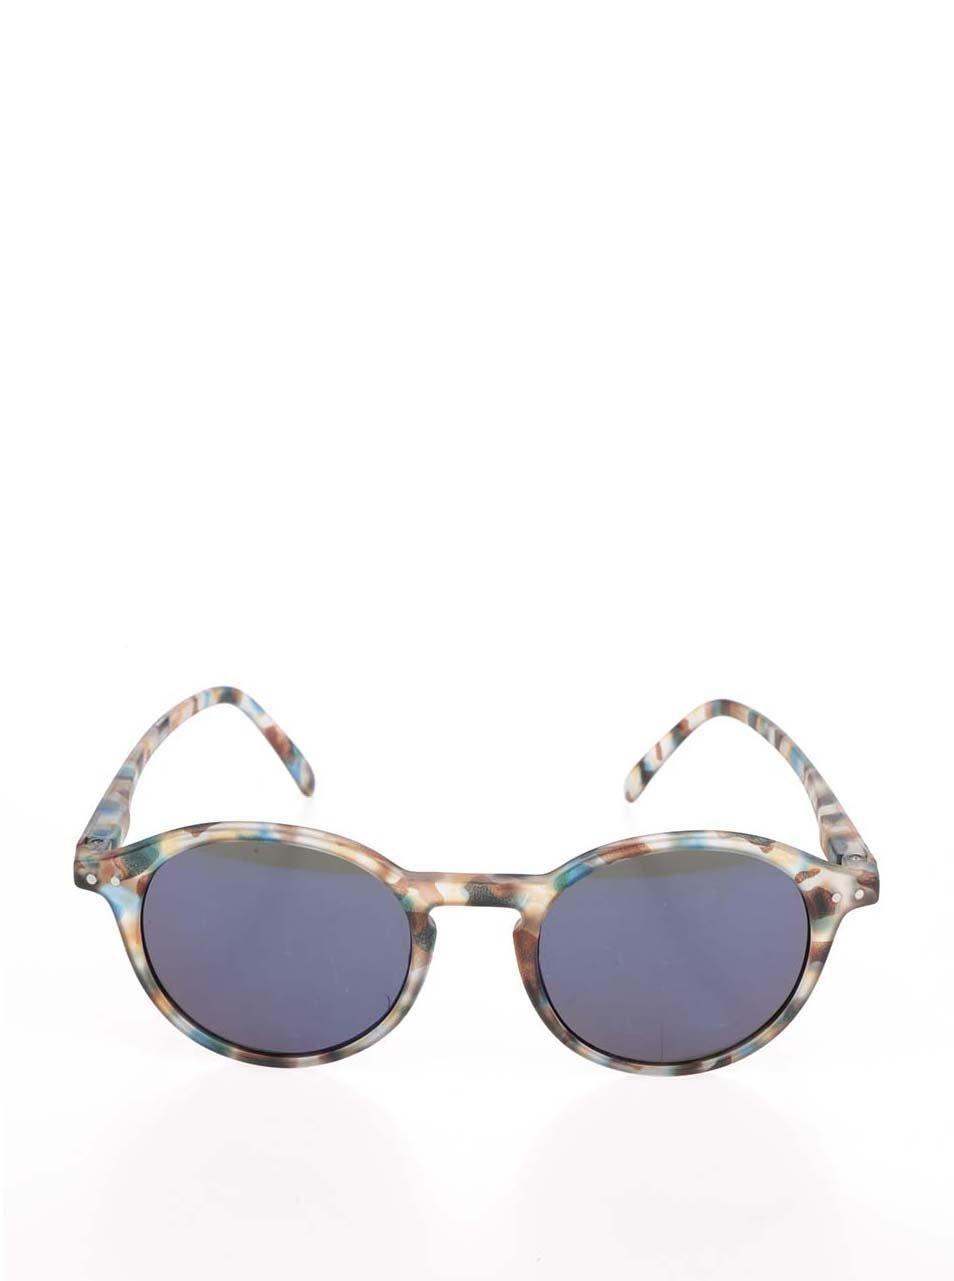 0be25f2ca Modro-hnedé unisex slnečné okuliare so zrkadlovými modrými sklami IZIPIZI #D  ...